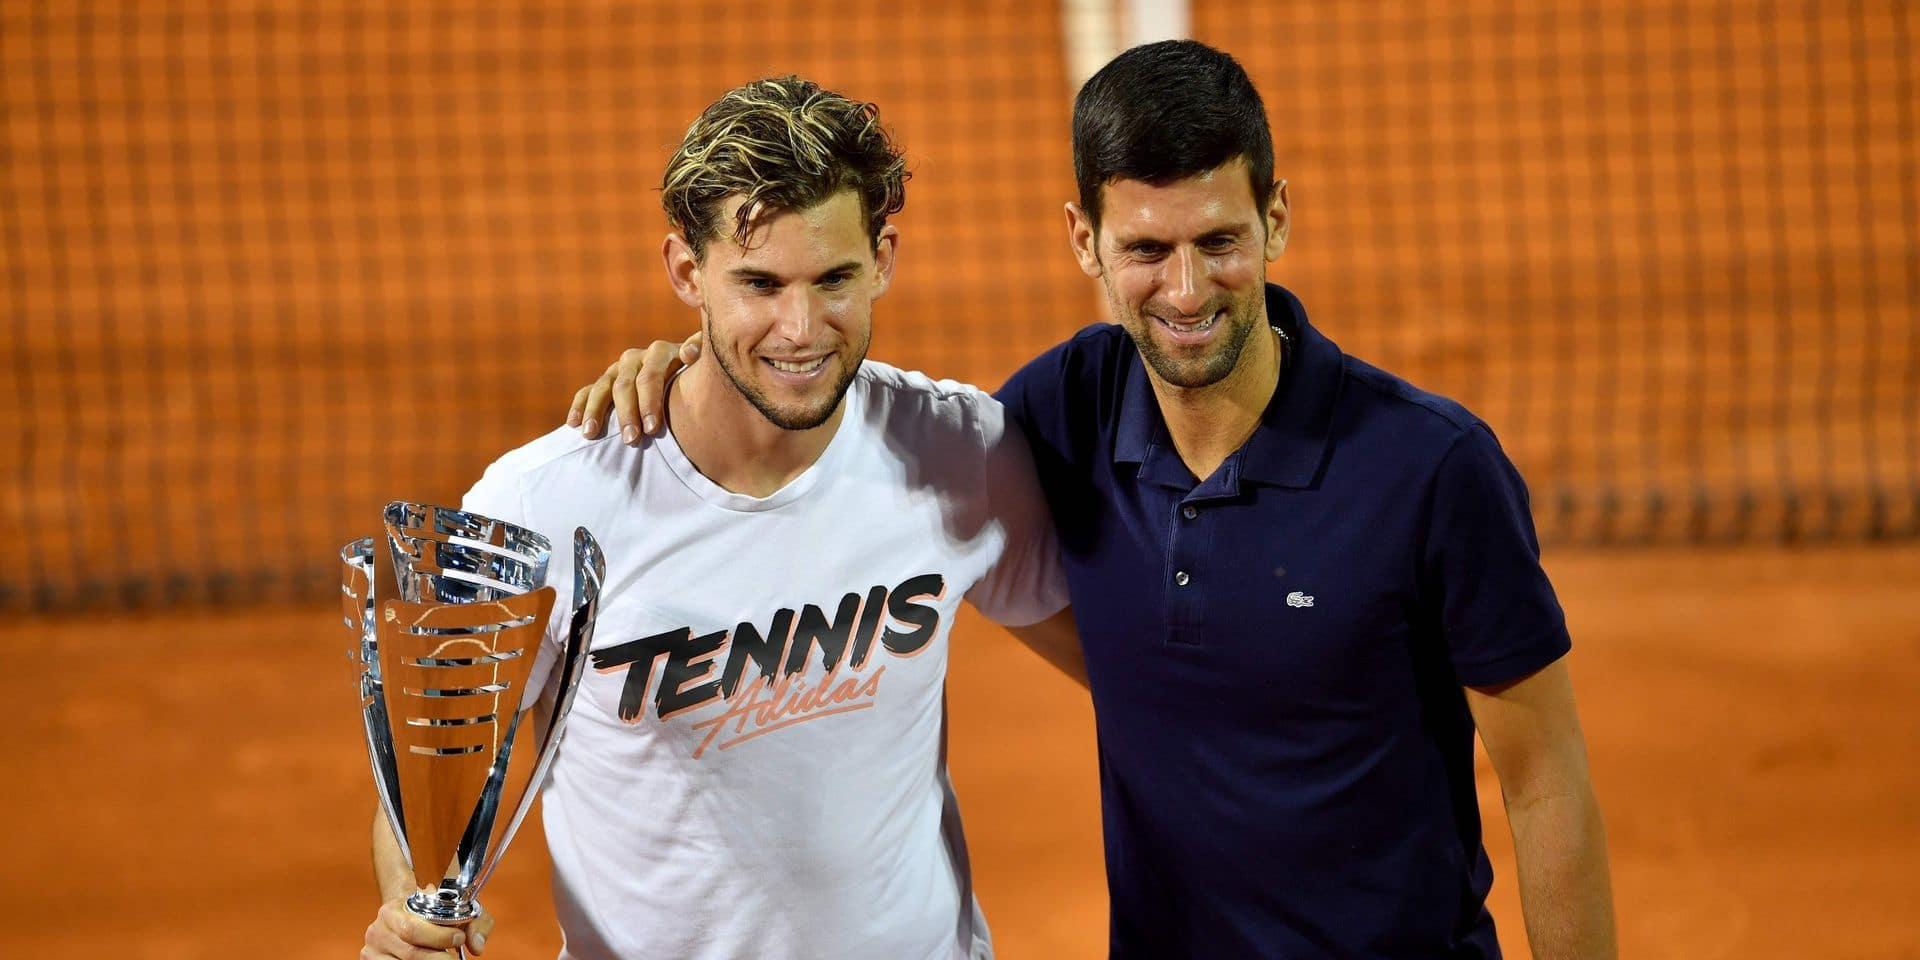 """Le manager de Thiem très dur envers Djokovic: """"C'est le seul qui devrait s'excuser"""""""